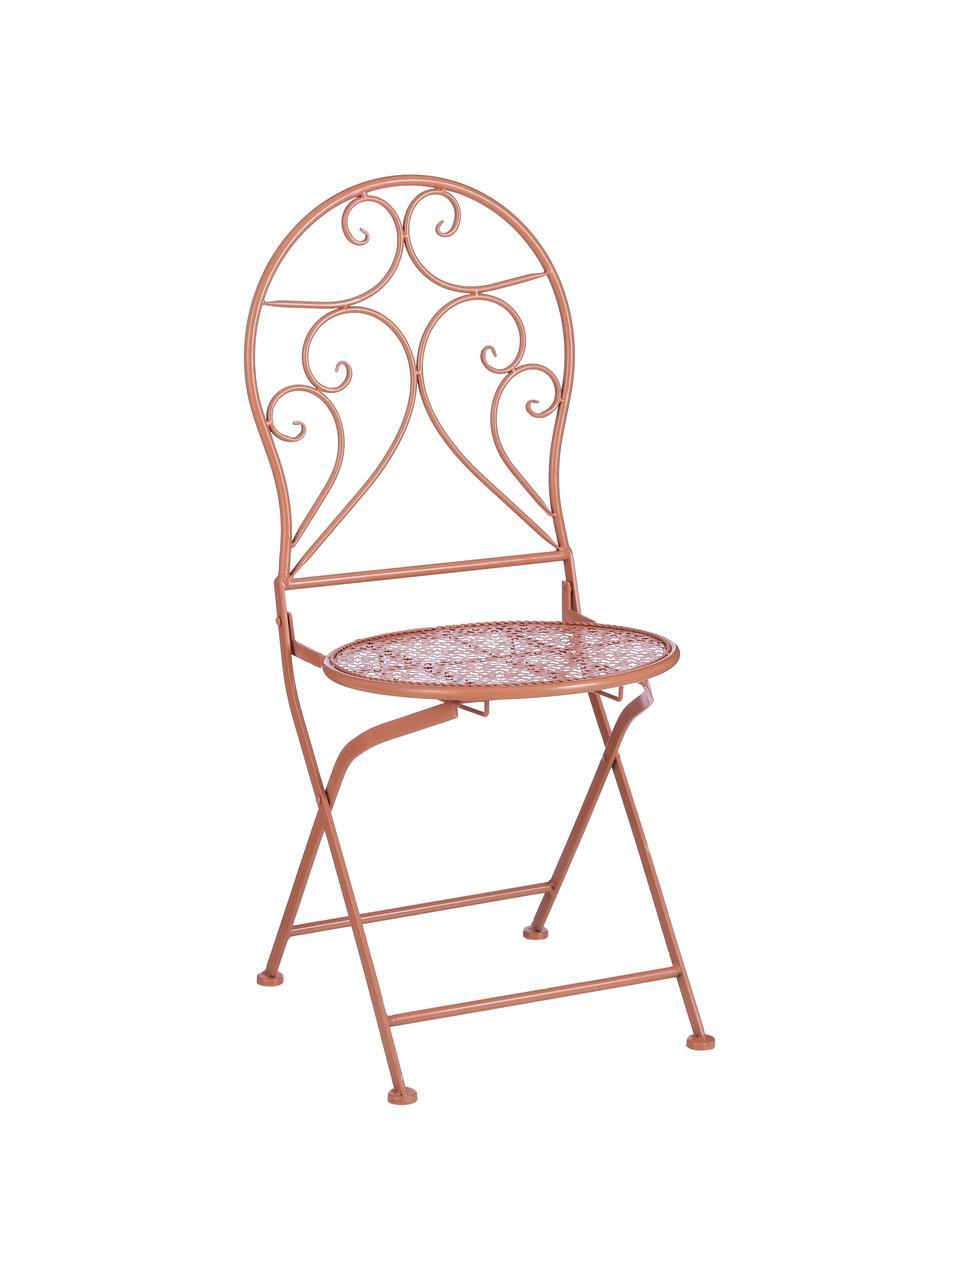 Składane krzesło balkonowe Ninet, 2 szt., Metal powlekany, Terakota, S 40 x W 92 cm